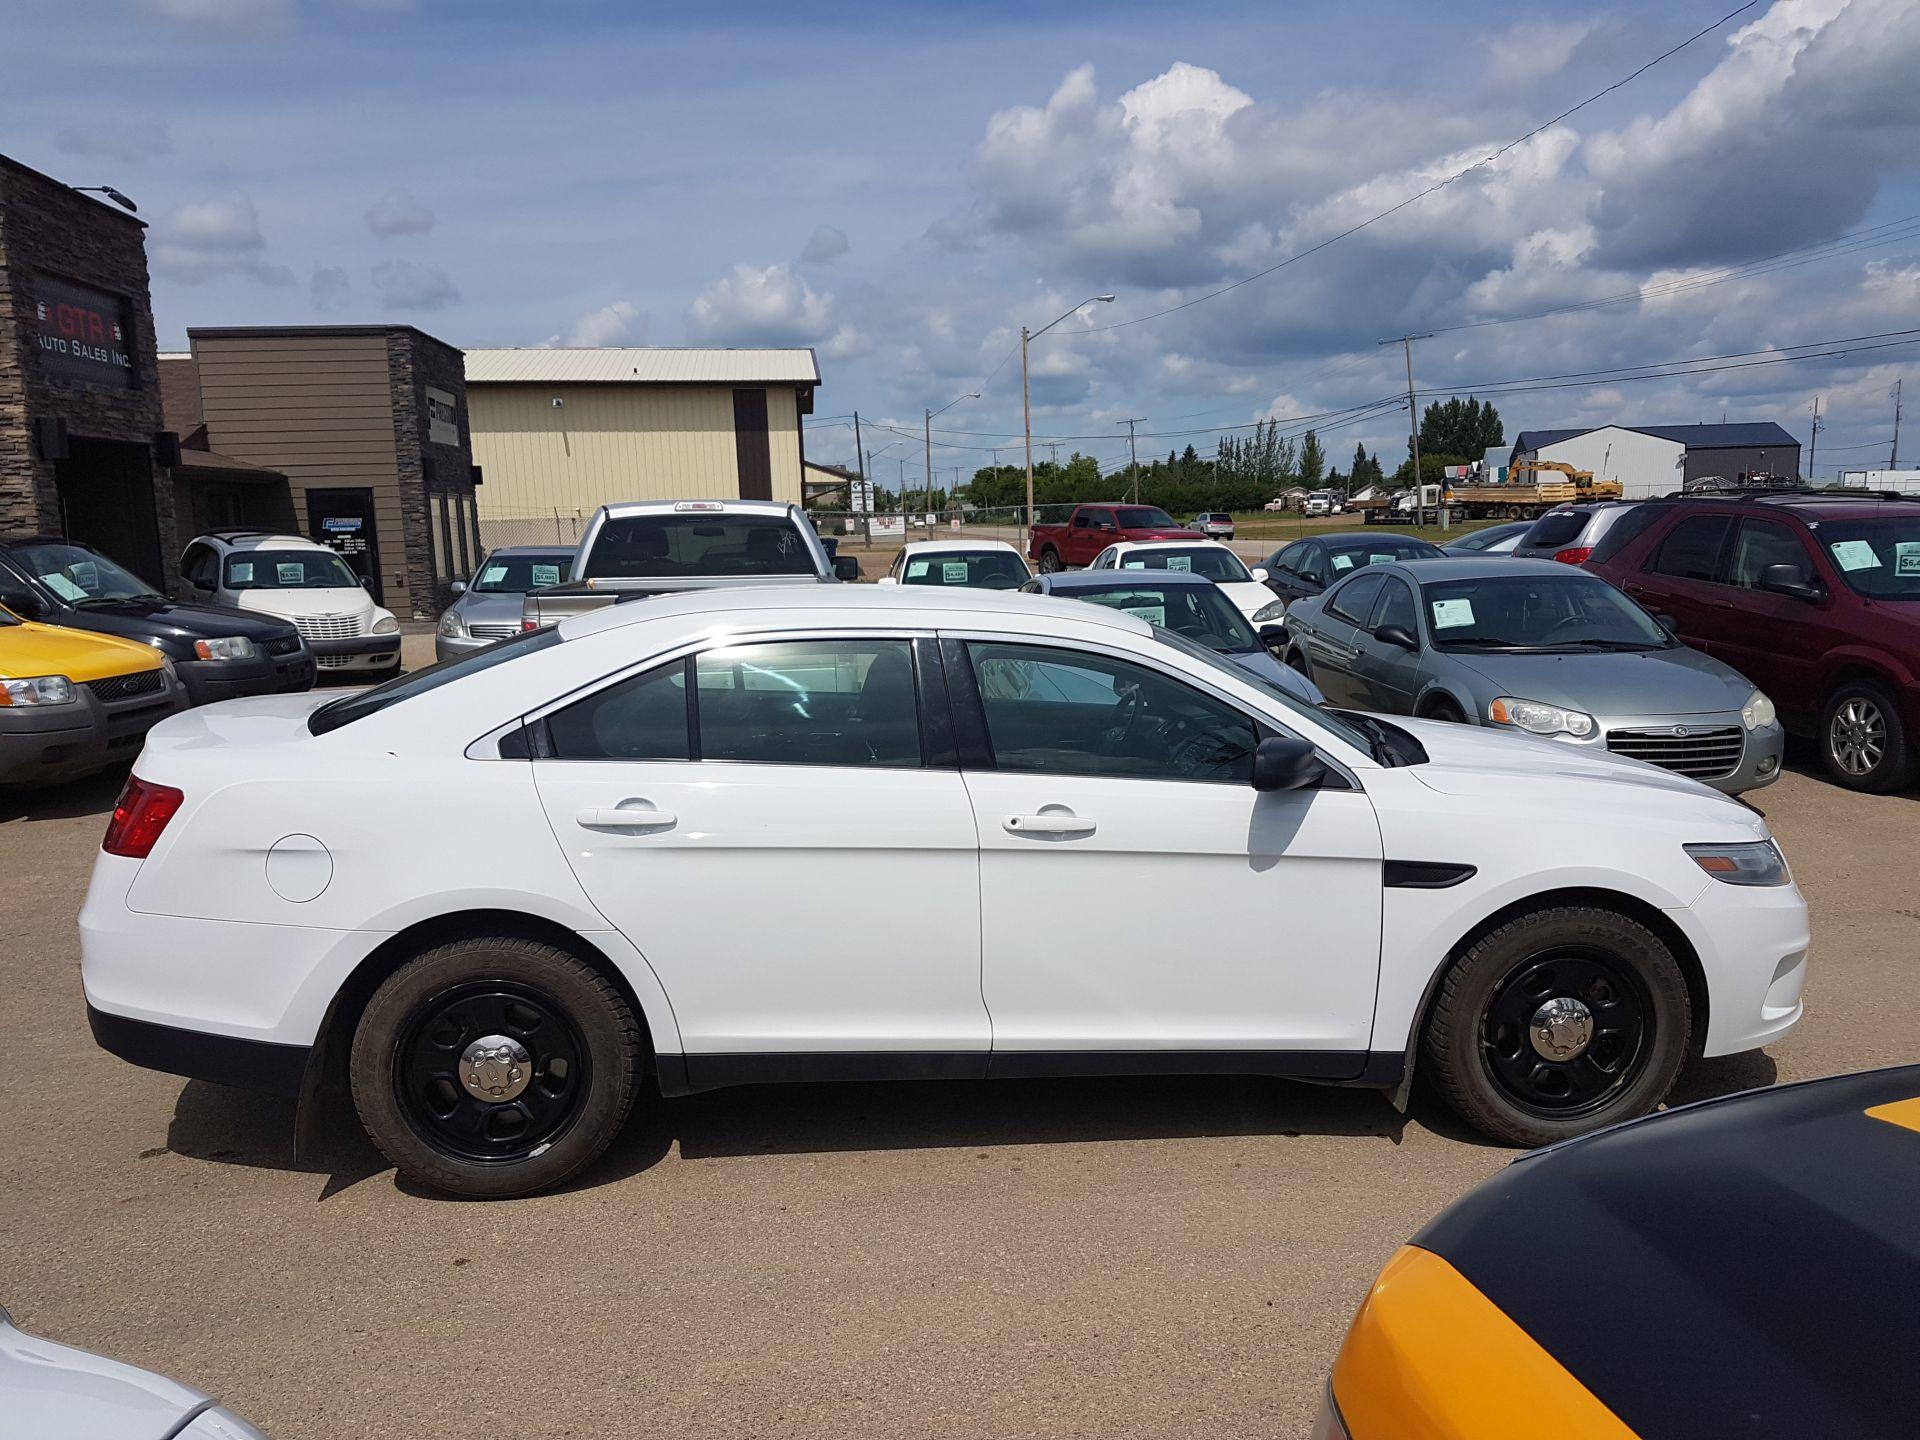 2012 Ford F 150 Xlt >> Ford Taurus Police Interceptor | GTR Auto Sales